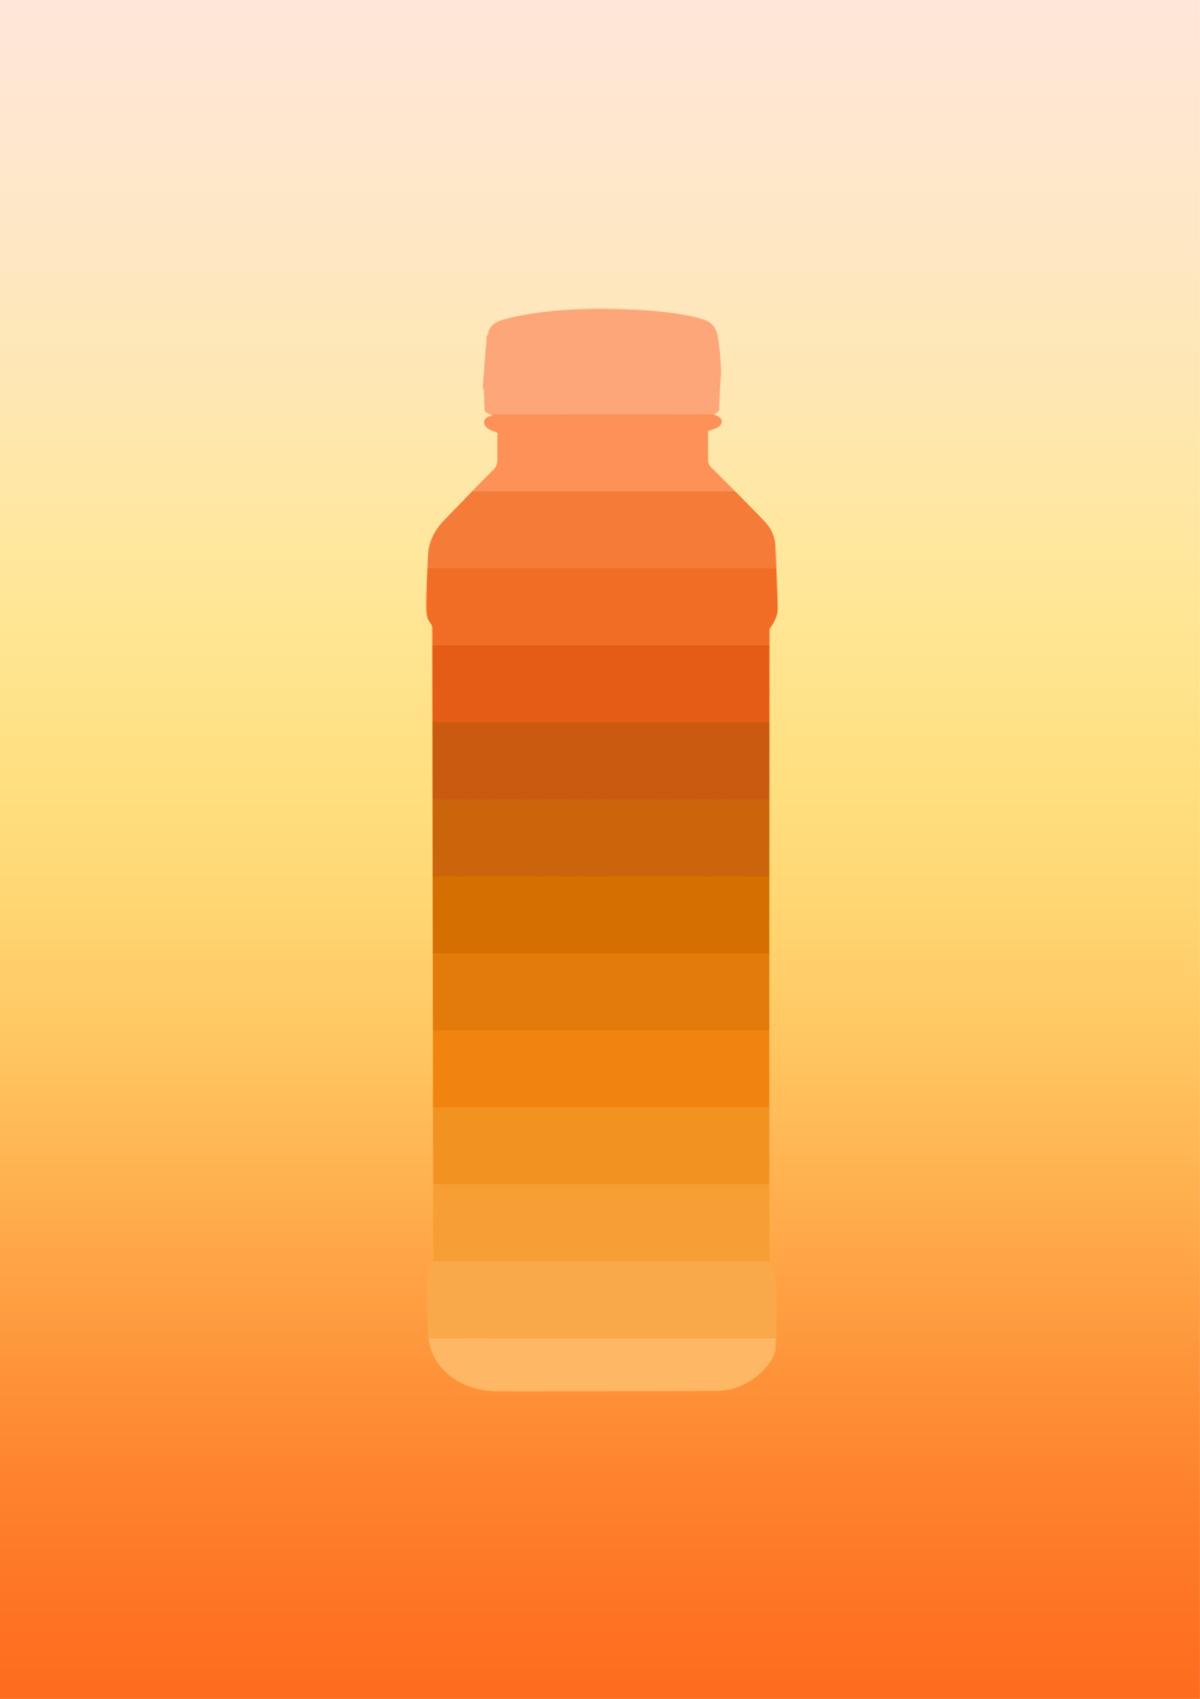 Carrots & Curcuma juice bottle / Illustrations - illustration of a gradient juice bottle inspired by carrots and curcuma